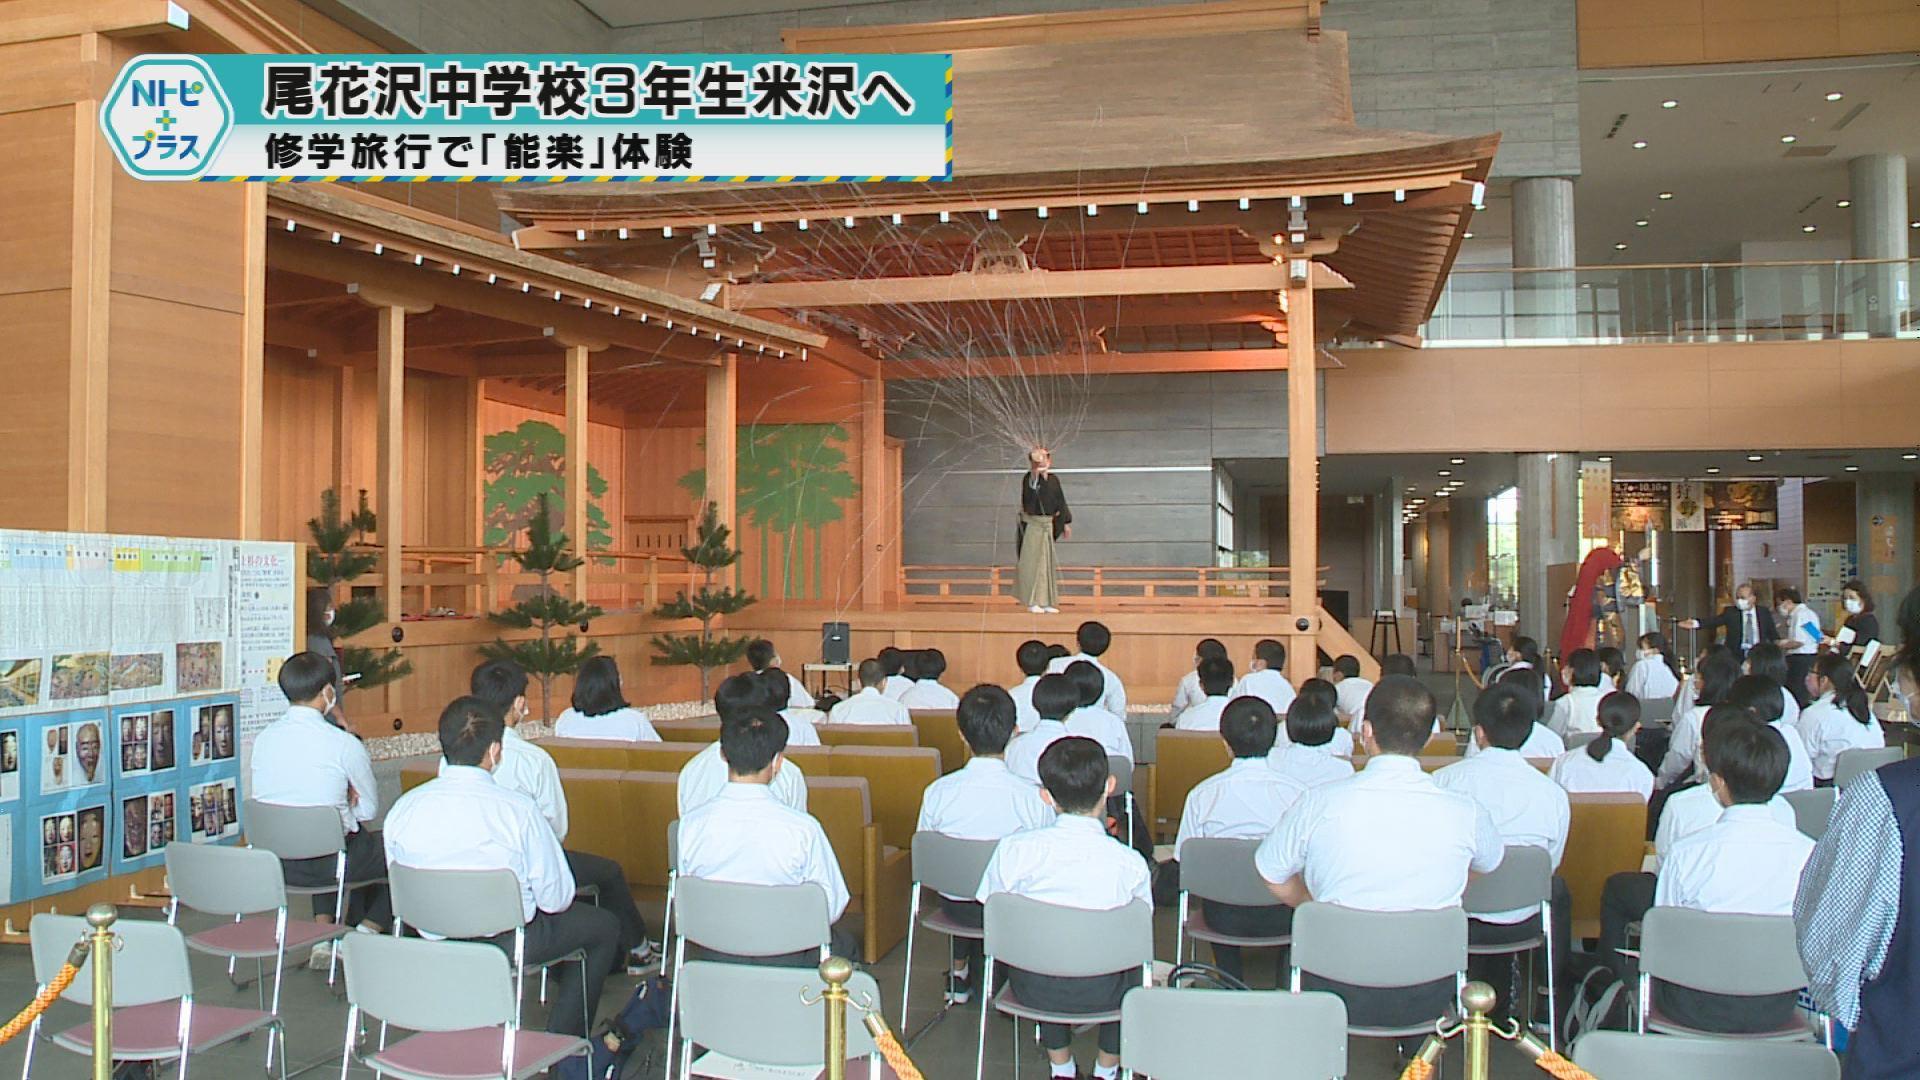 「尾花沢中学校3年生米沢へ」修学旅行で「能楽」体験